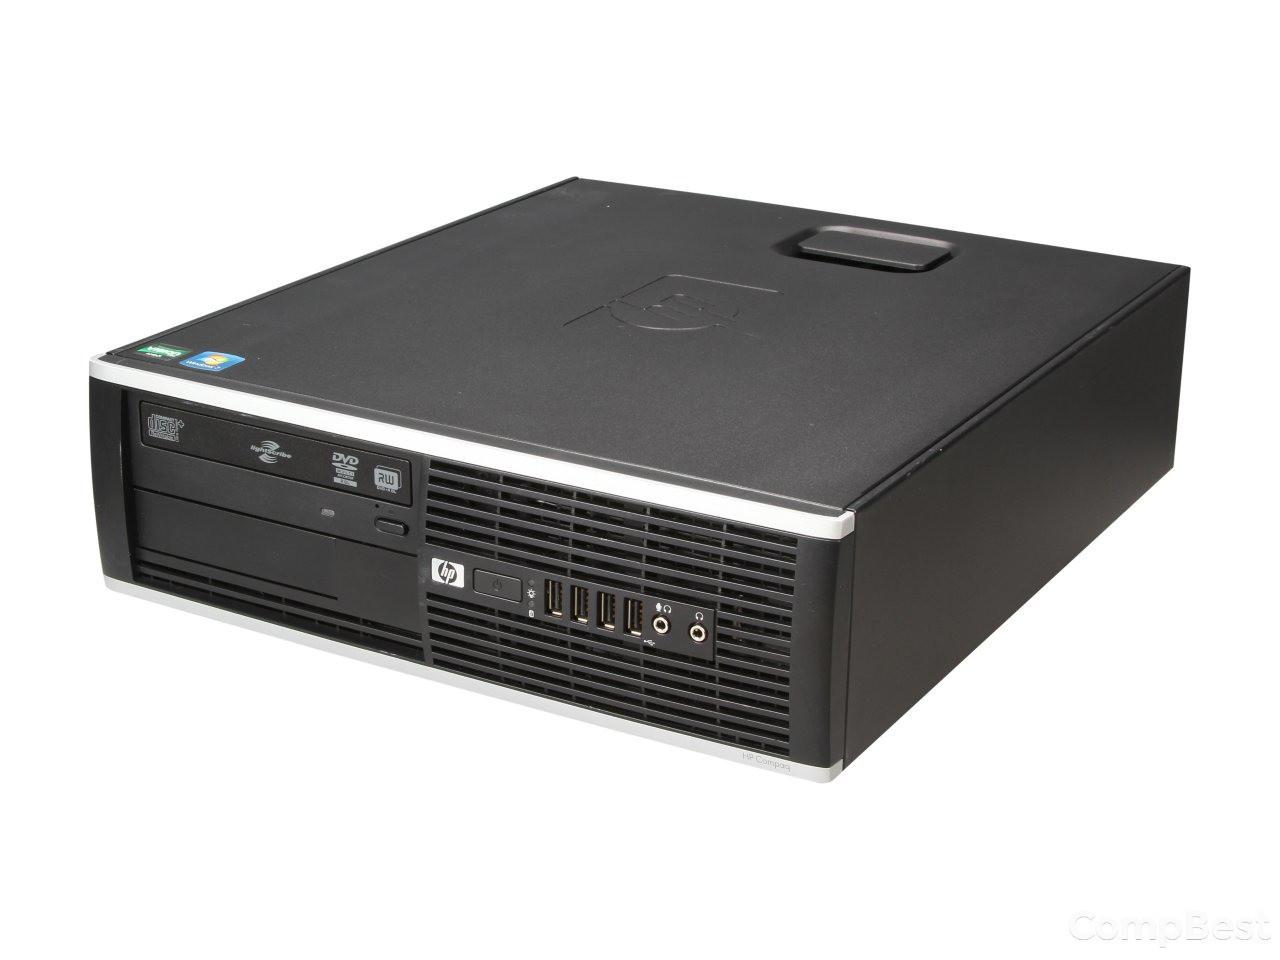 HP 6005 SFF / AMD Athlon X2 220 (2 ядра по 2.8 GHz) / 4GB DDR3 / 160GB HDD